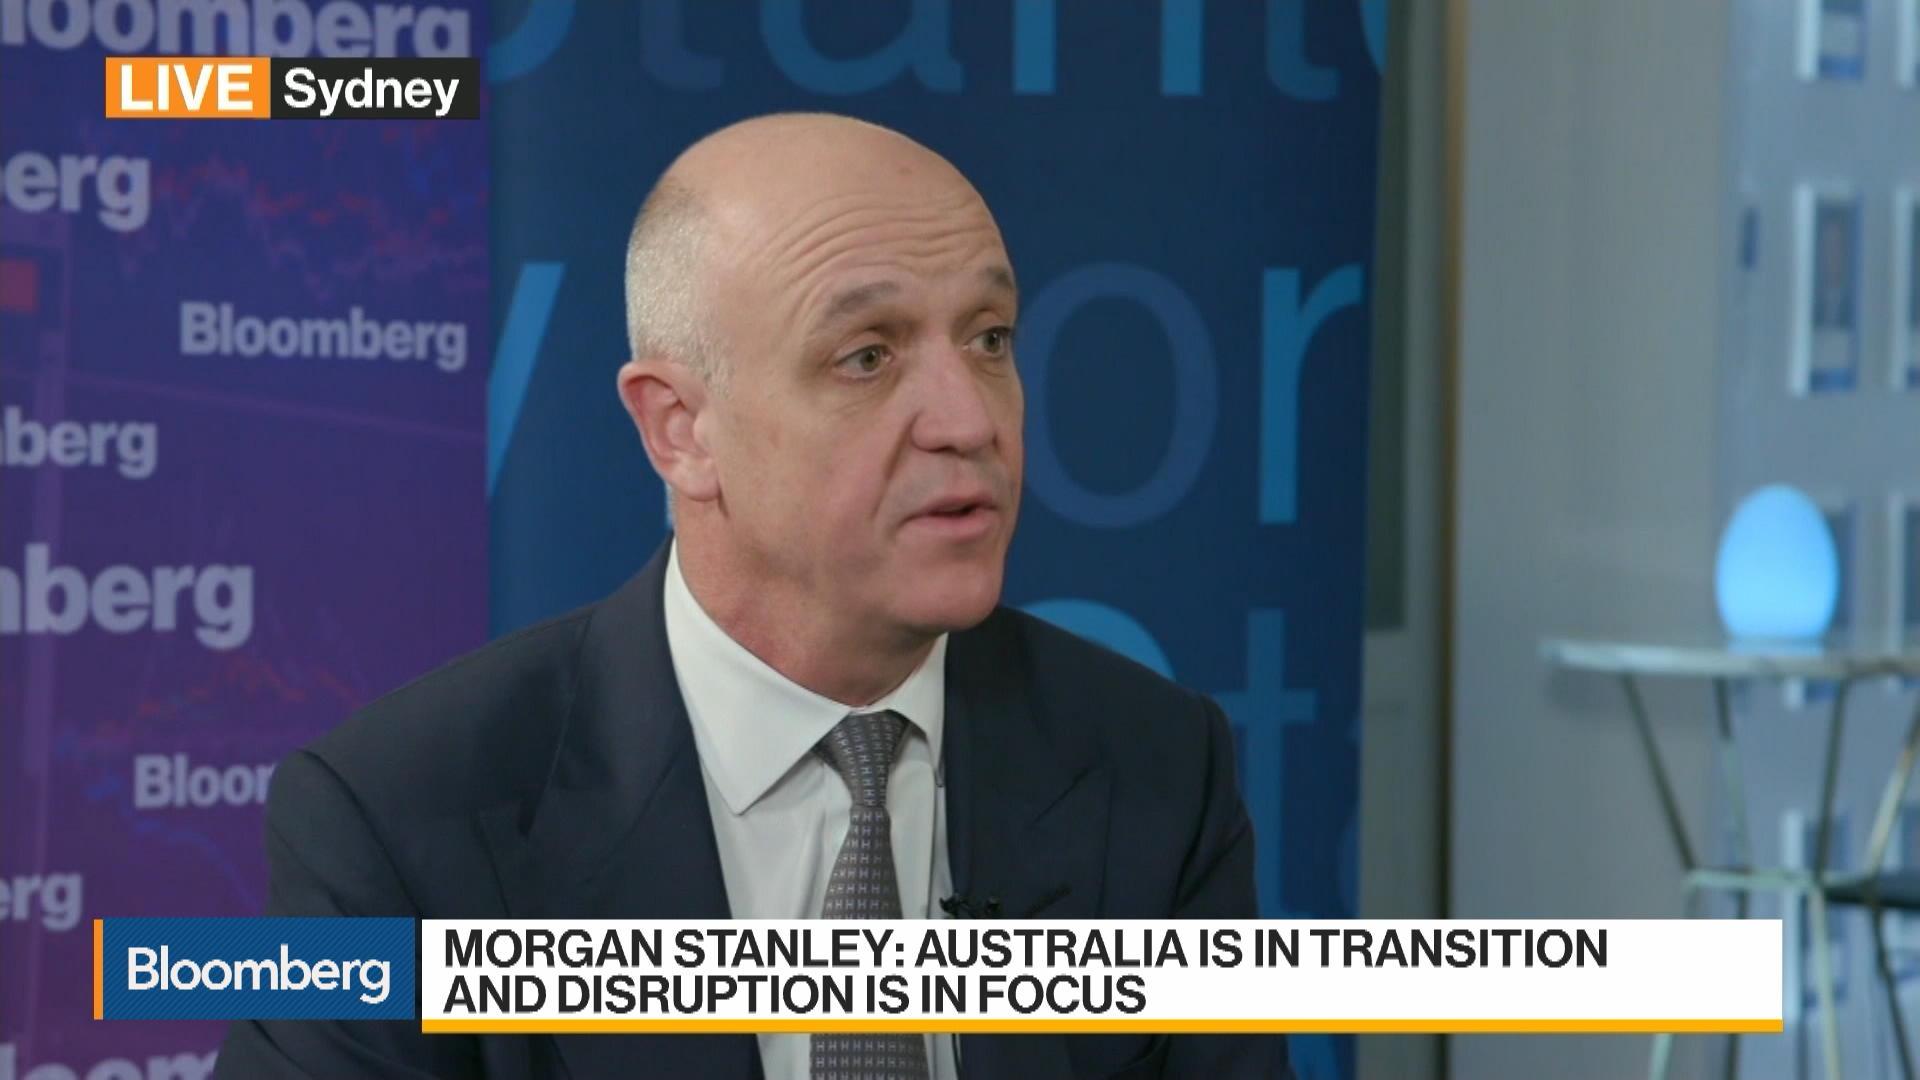 Morgan Stanley Australia CEO: Economy in 'Pretty Good Shape